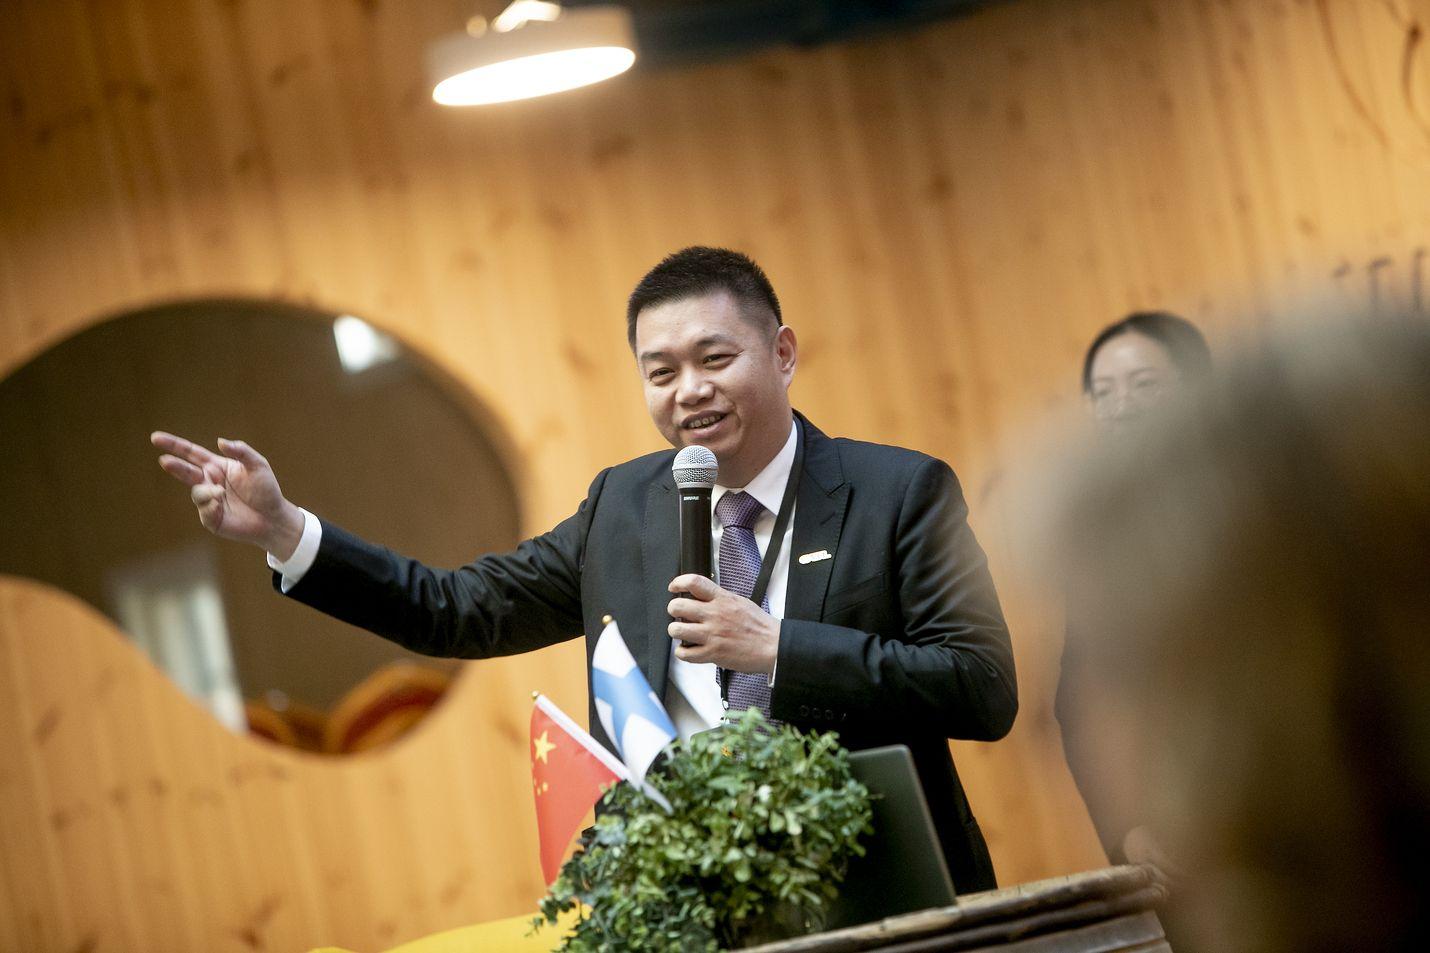 Kiinalaisen CATL:n energianvarastointiliiketoiminnan johtaja Tan Libin puhui Vaasassa torstaina. CATL on maailman suurimpia akkujen tuottajia.